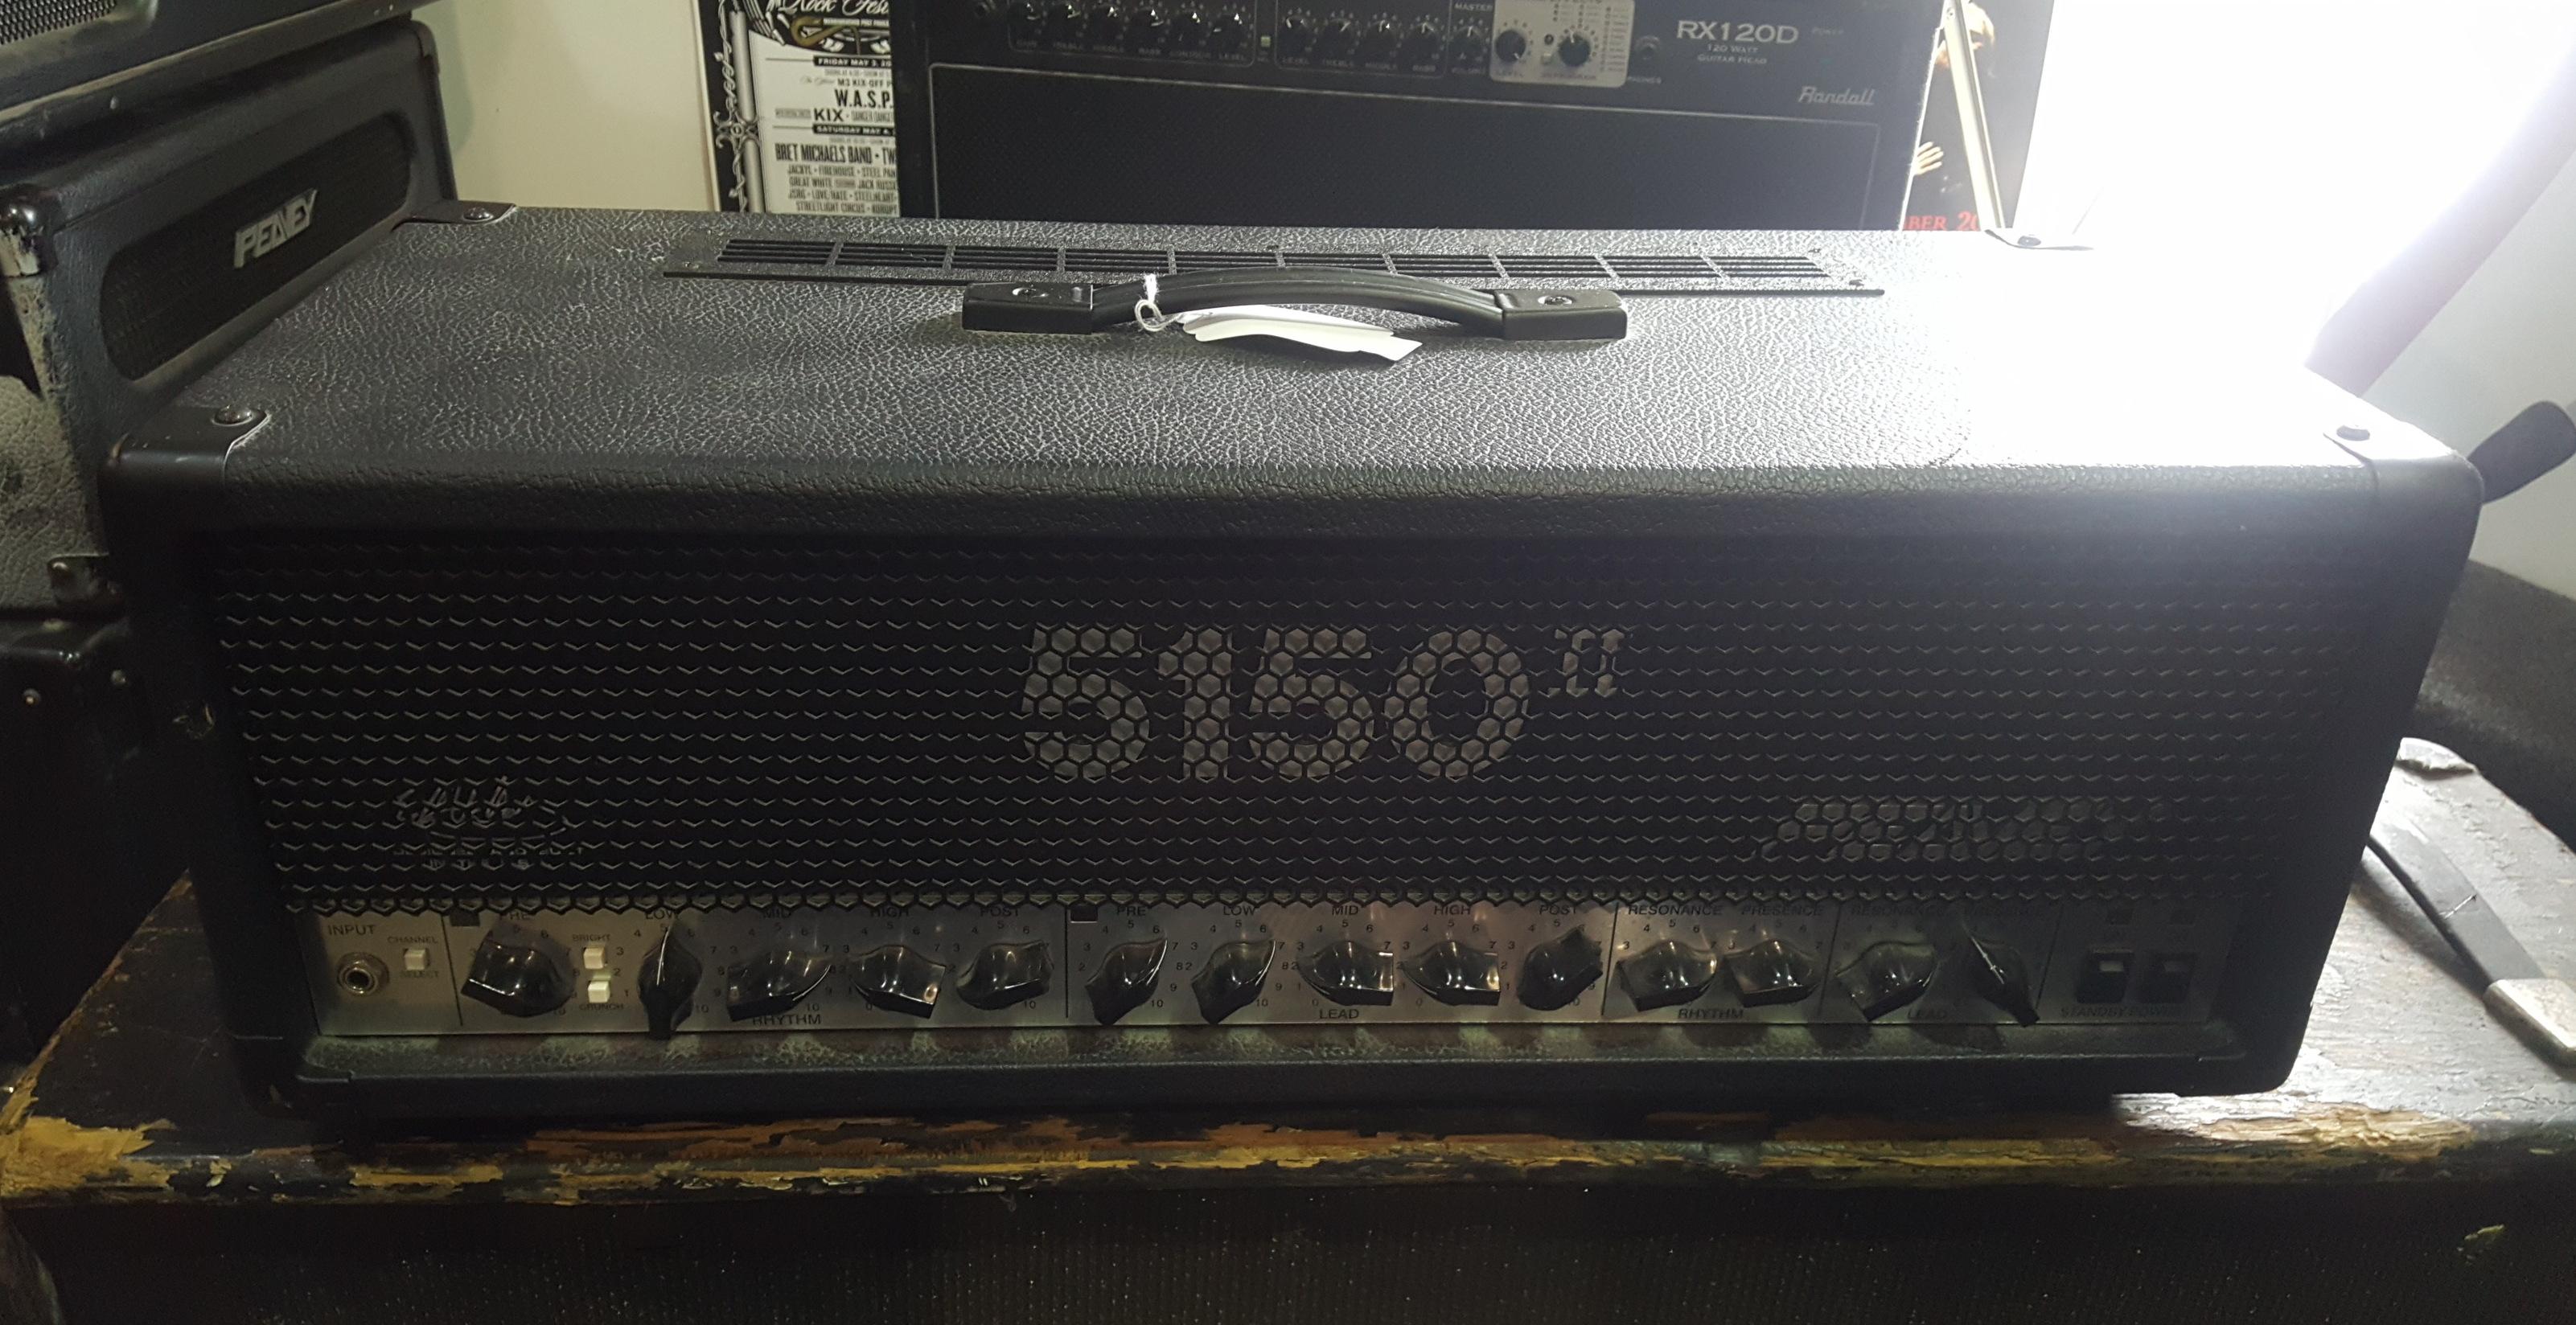 PEAVEY 5150 II 120W Tube Amp Head - LOCAL PICKUP ONLY!